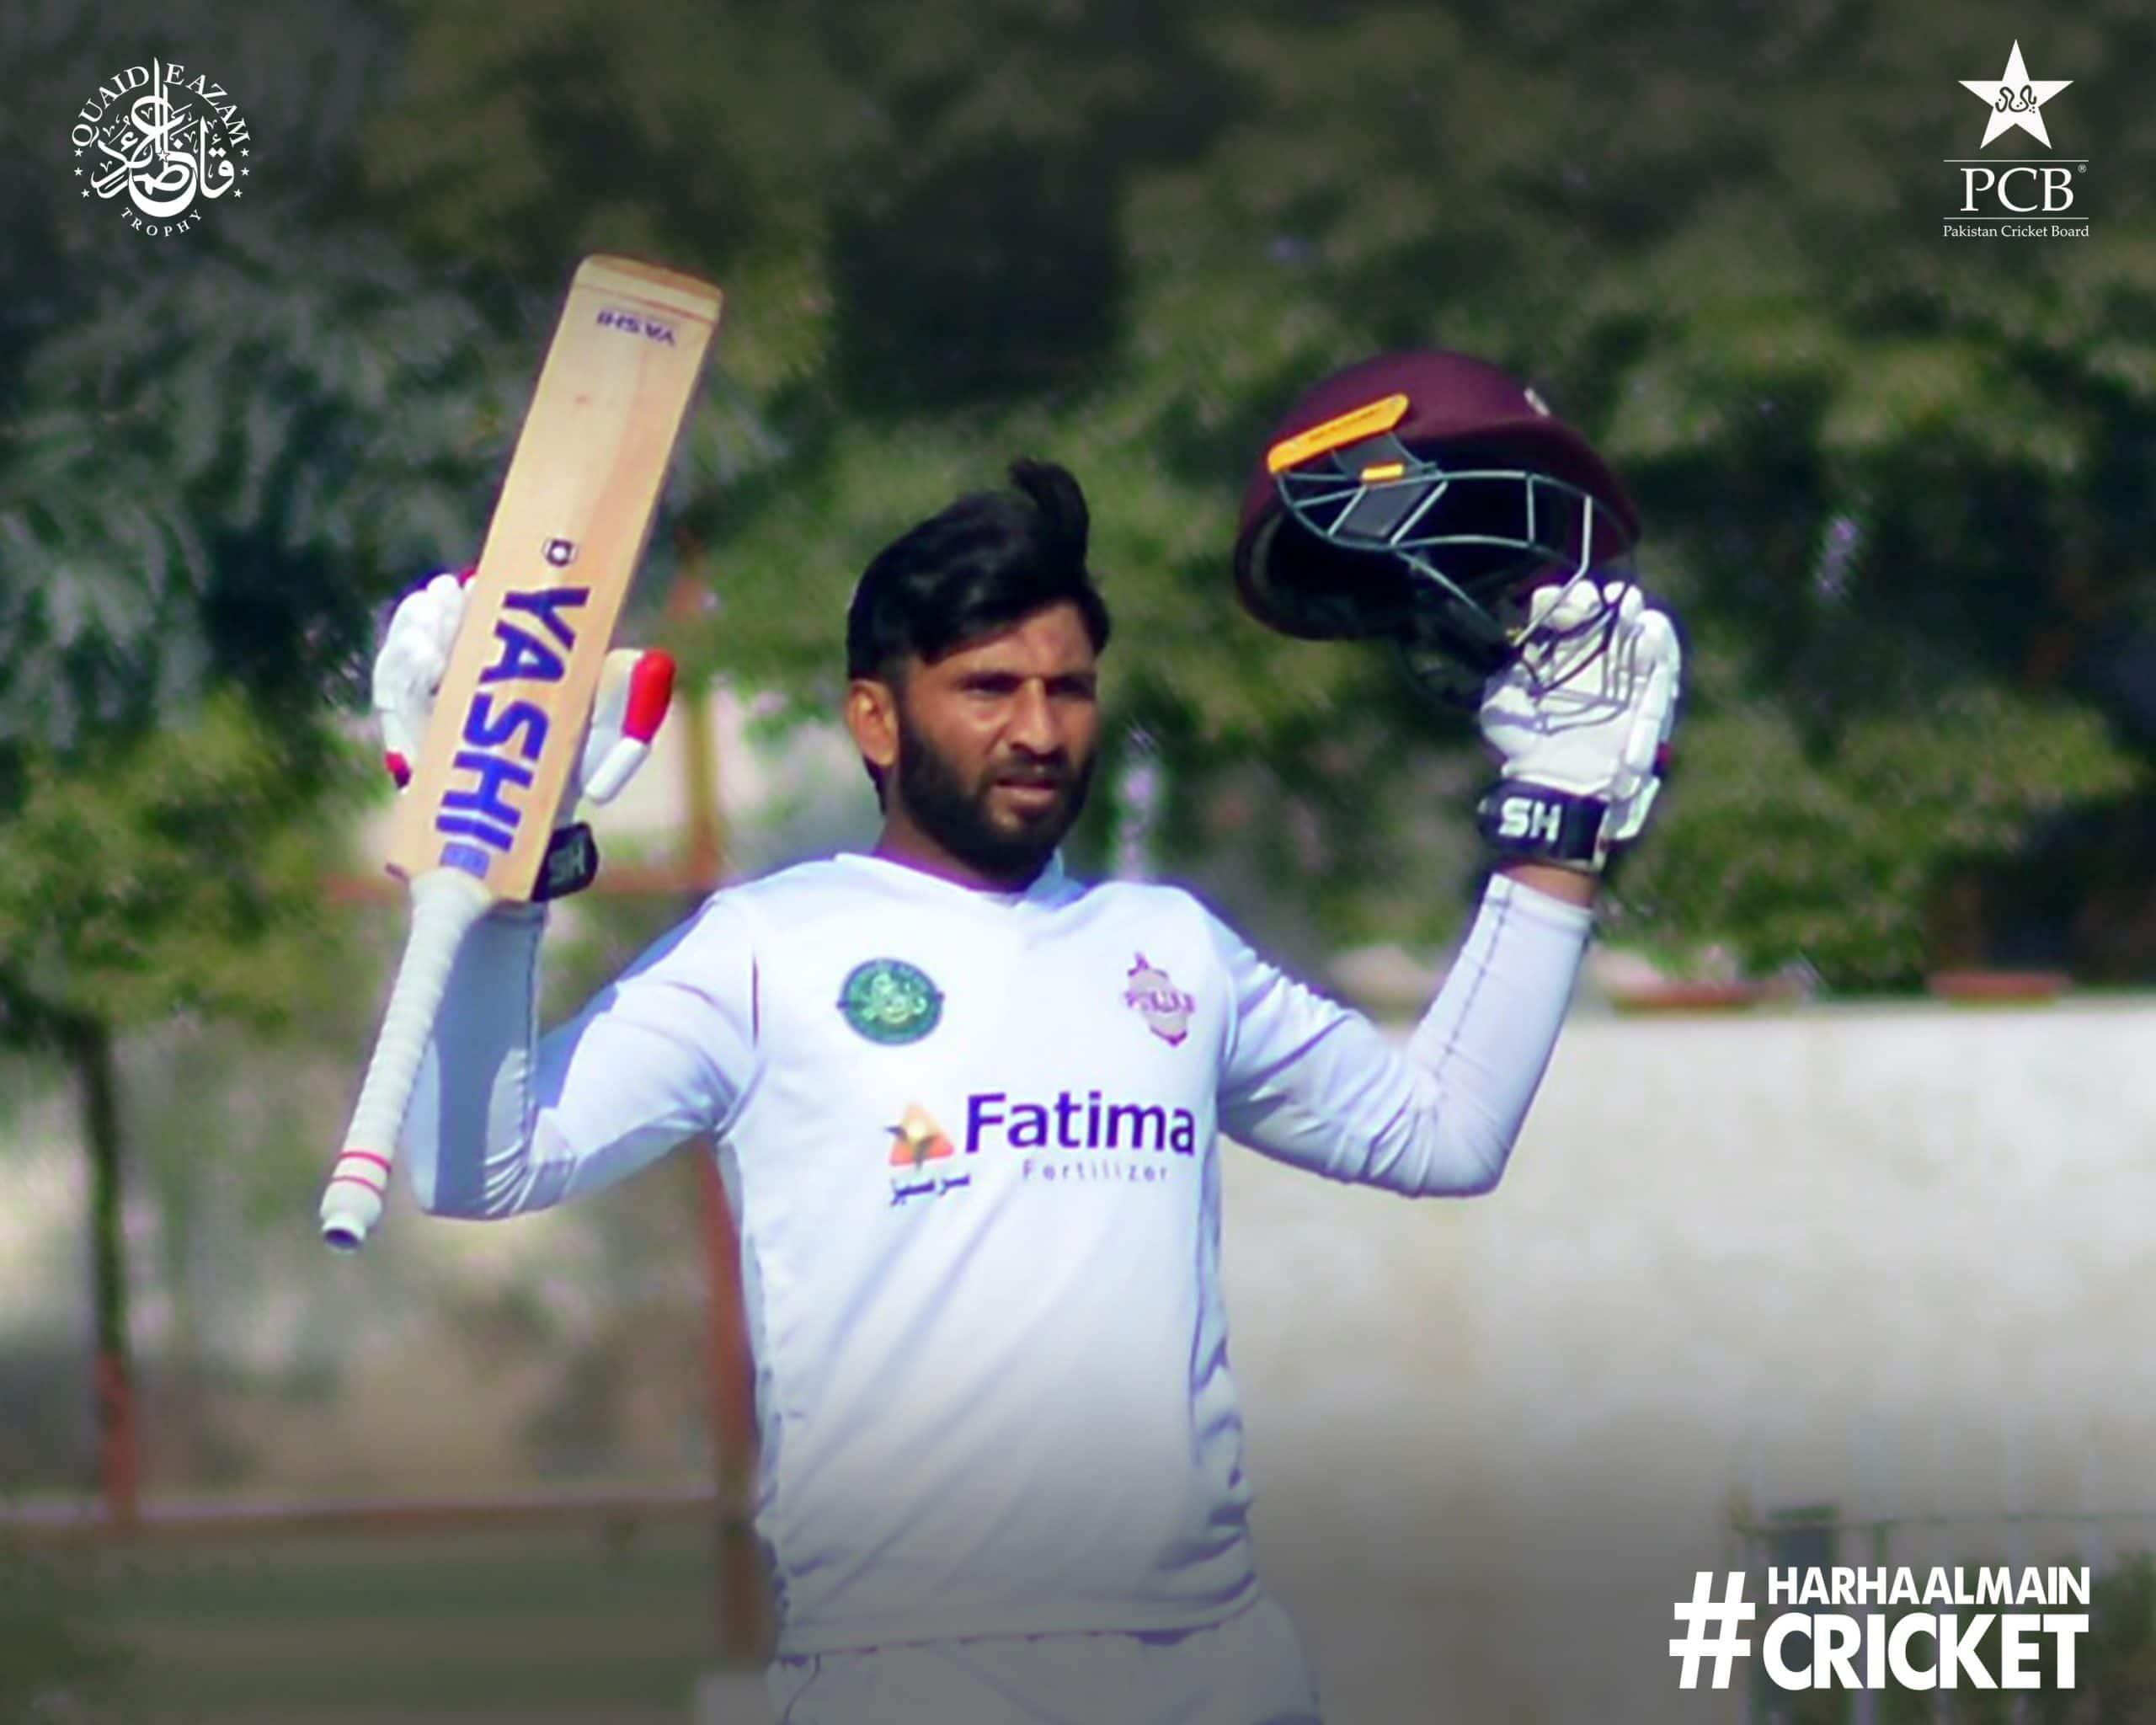 Mohammad Imran Pakistani Cricketer